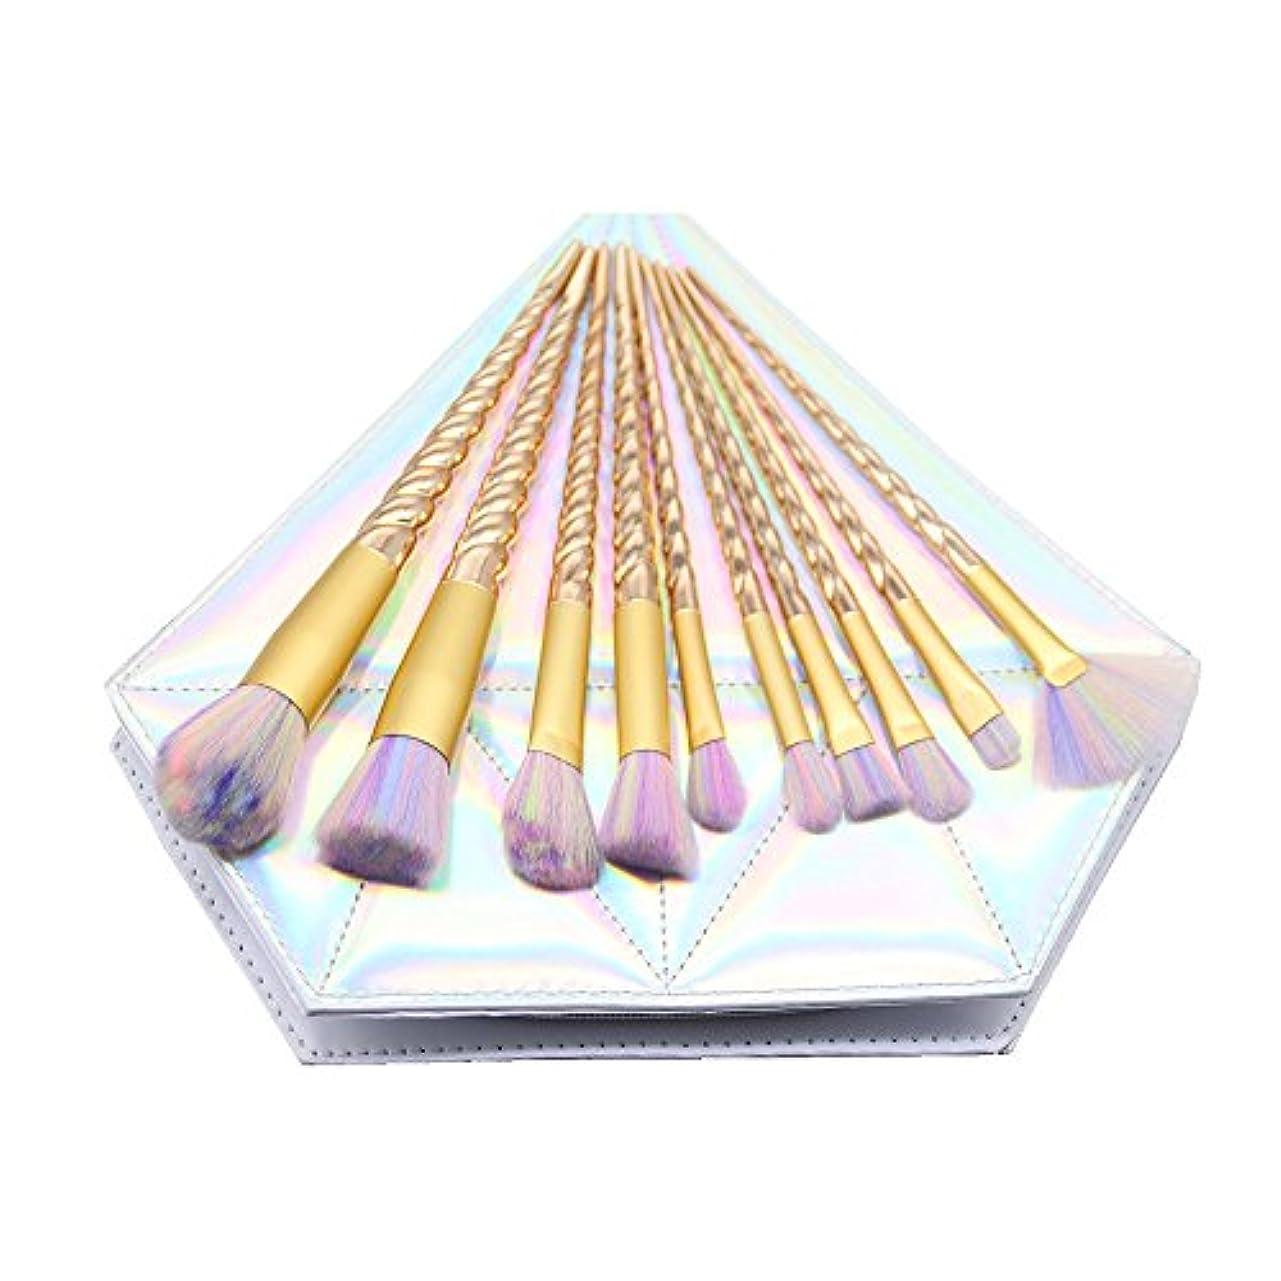 操縦する香水報告書Dilla Beauty メイクブラシセット 10本セット ユニコーンデザイン プラスチックハンドル 合成毛 ファンデーションブラシ アイシャドーブラッシャー 美容ツール 化粧品のバッグ付き